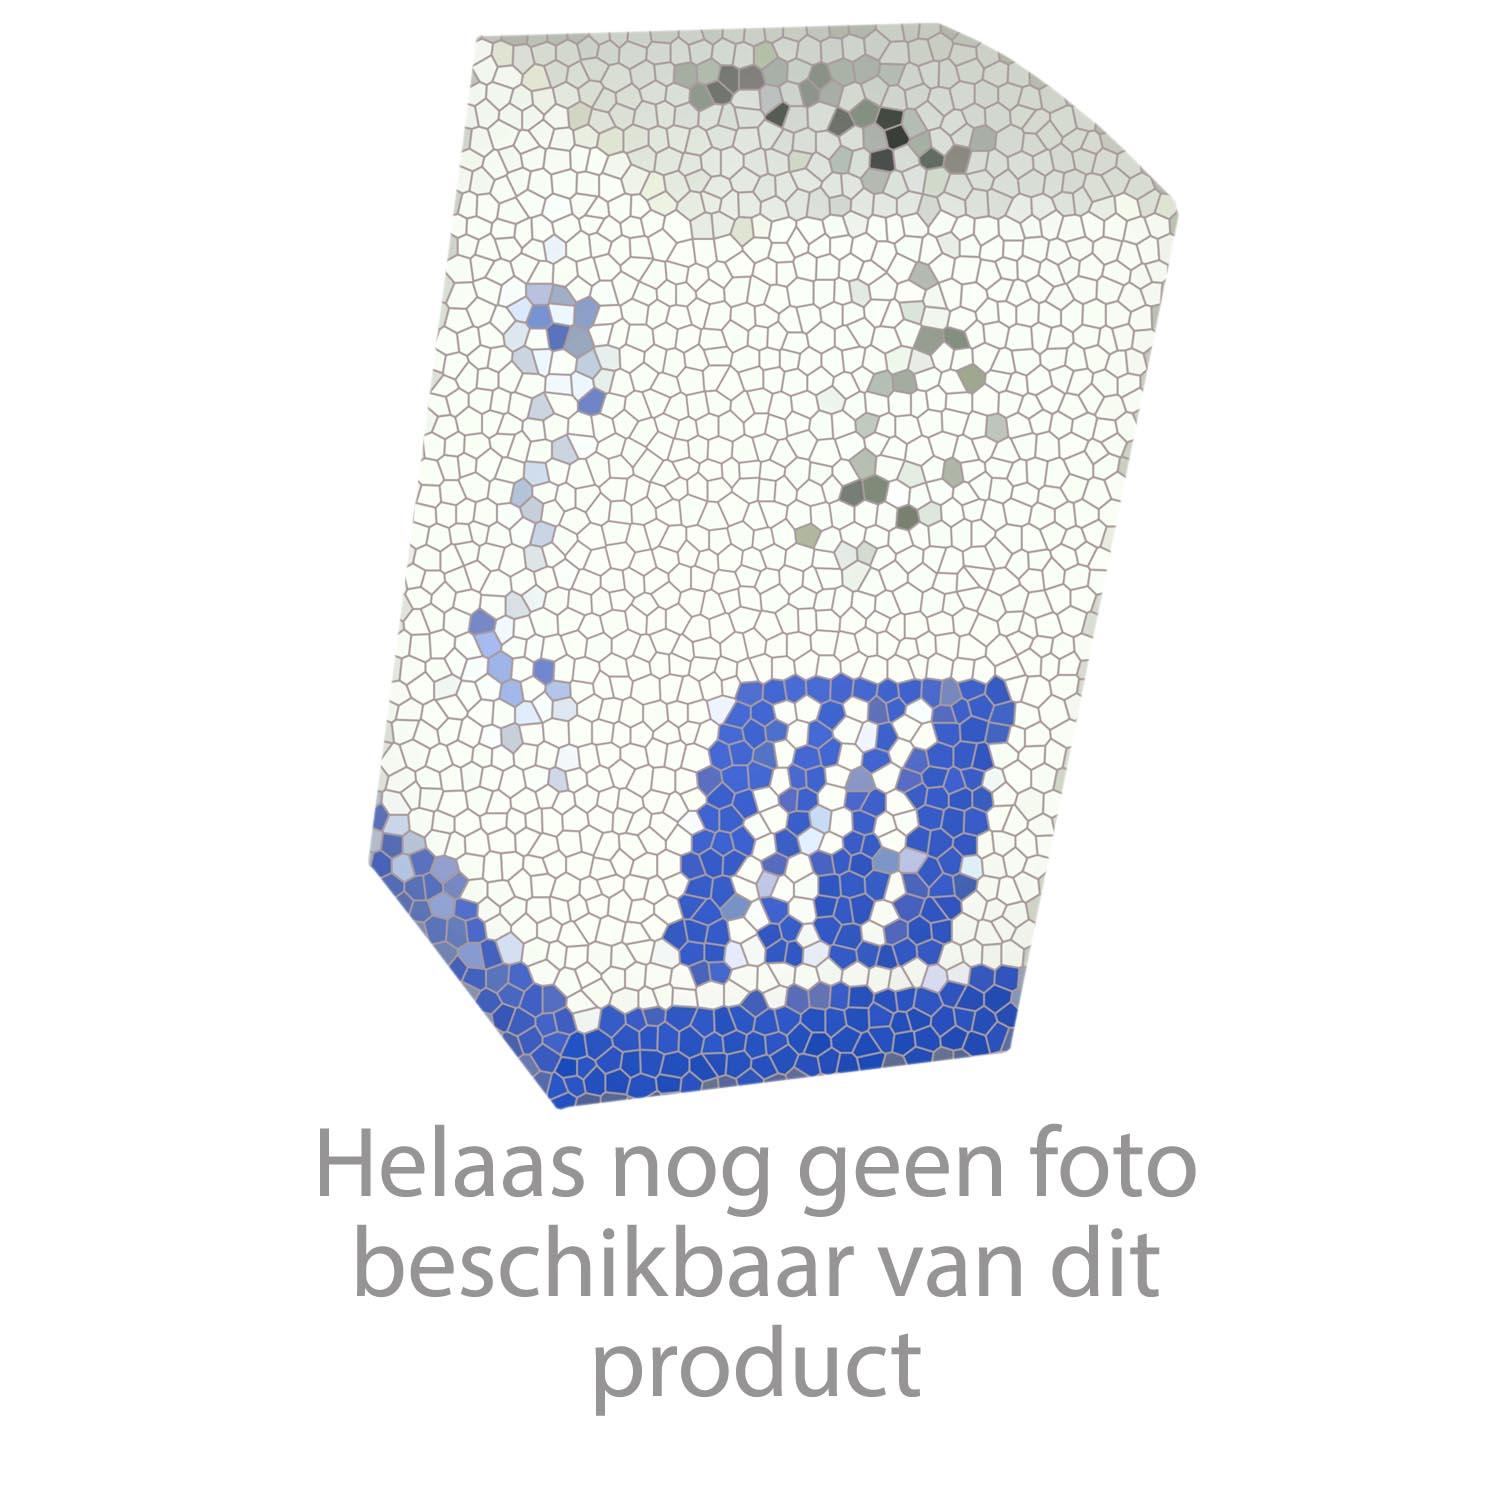 HansGrohe Keukenmengkranen Allegra Elegance productiejaar > 06/01 33802000 onderdelen